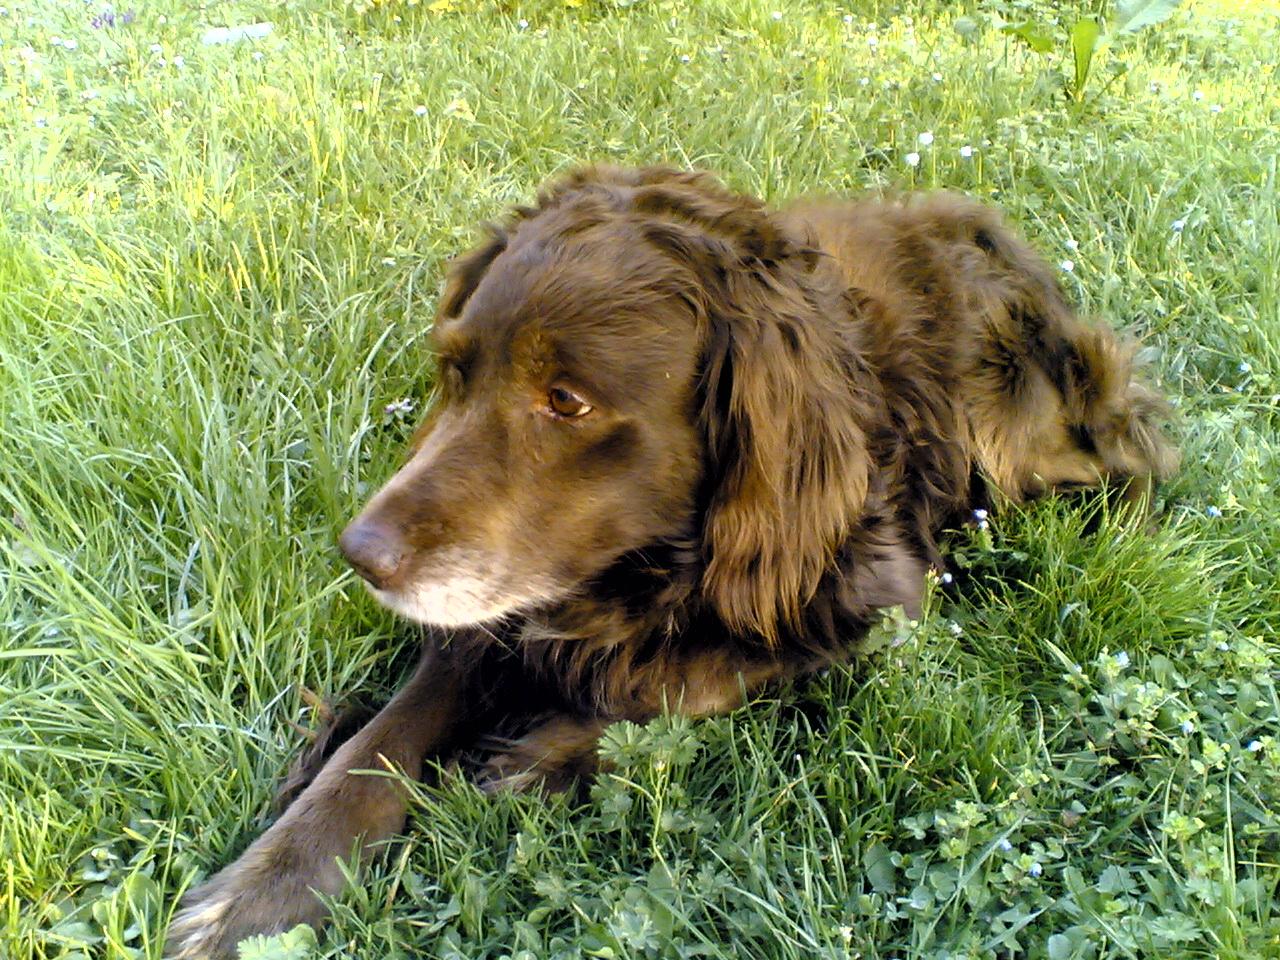 La piazza di delphine post adatto solo per chi ama i cani - Portare il cane al canile ...